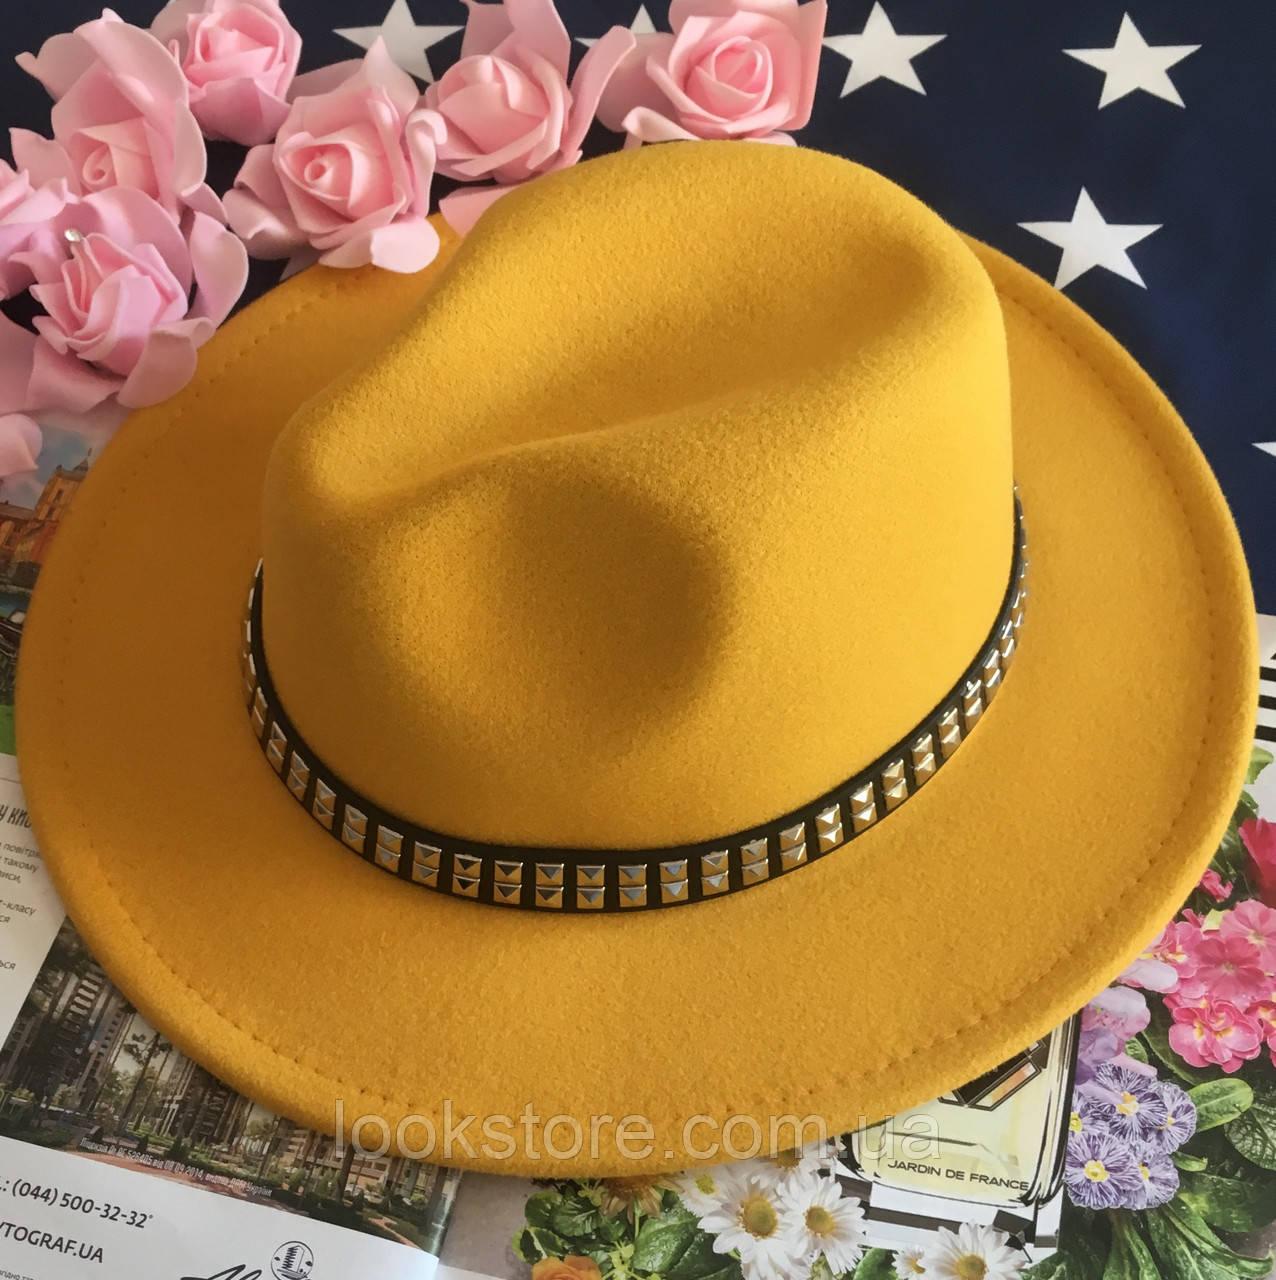 Шляпа Федора унисекс с устойчивыми полями с шипами желтая